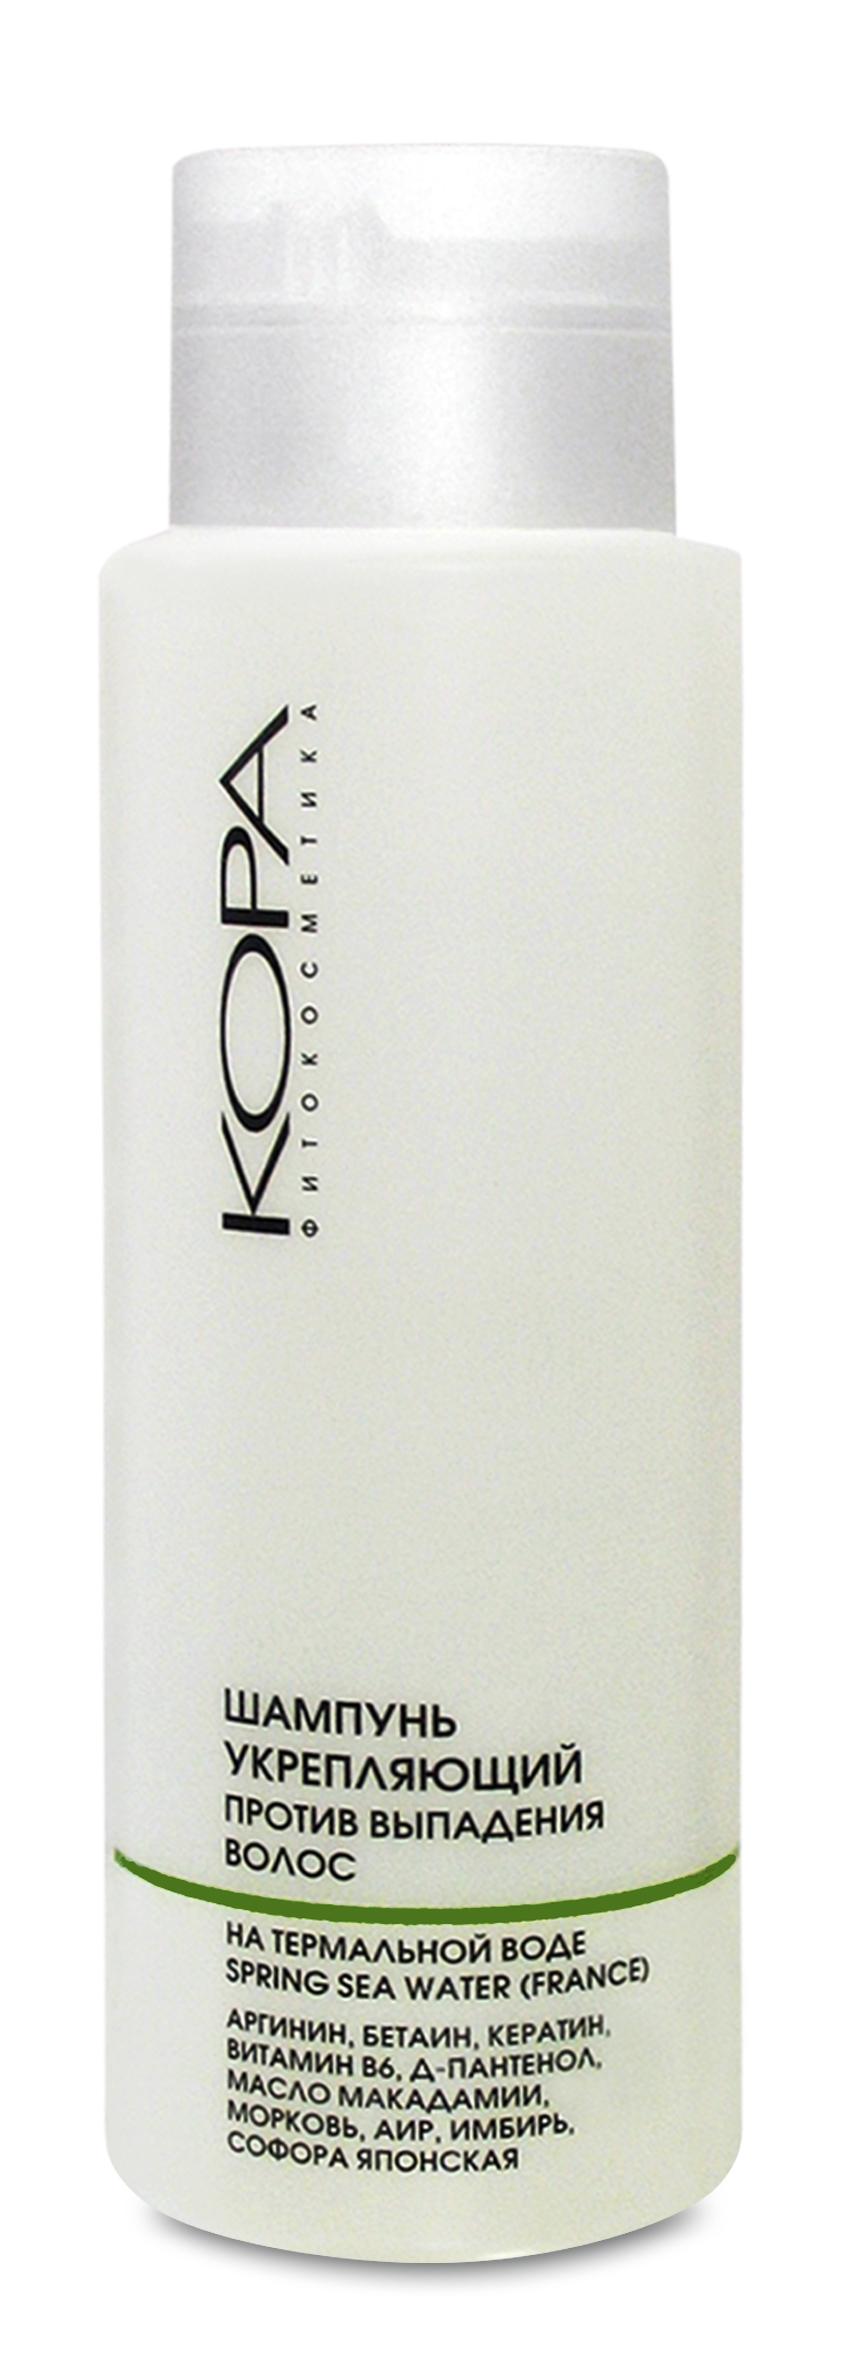 KORA Шампунь укрепляющий против выпадения волос 400мл набор крем kora набор spa лифтинг уход набор